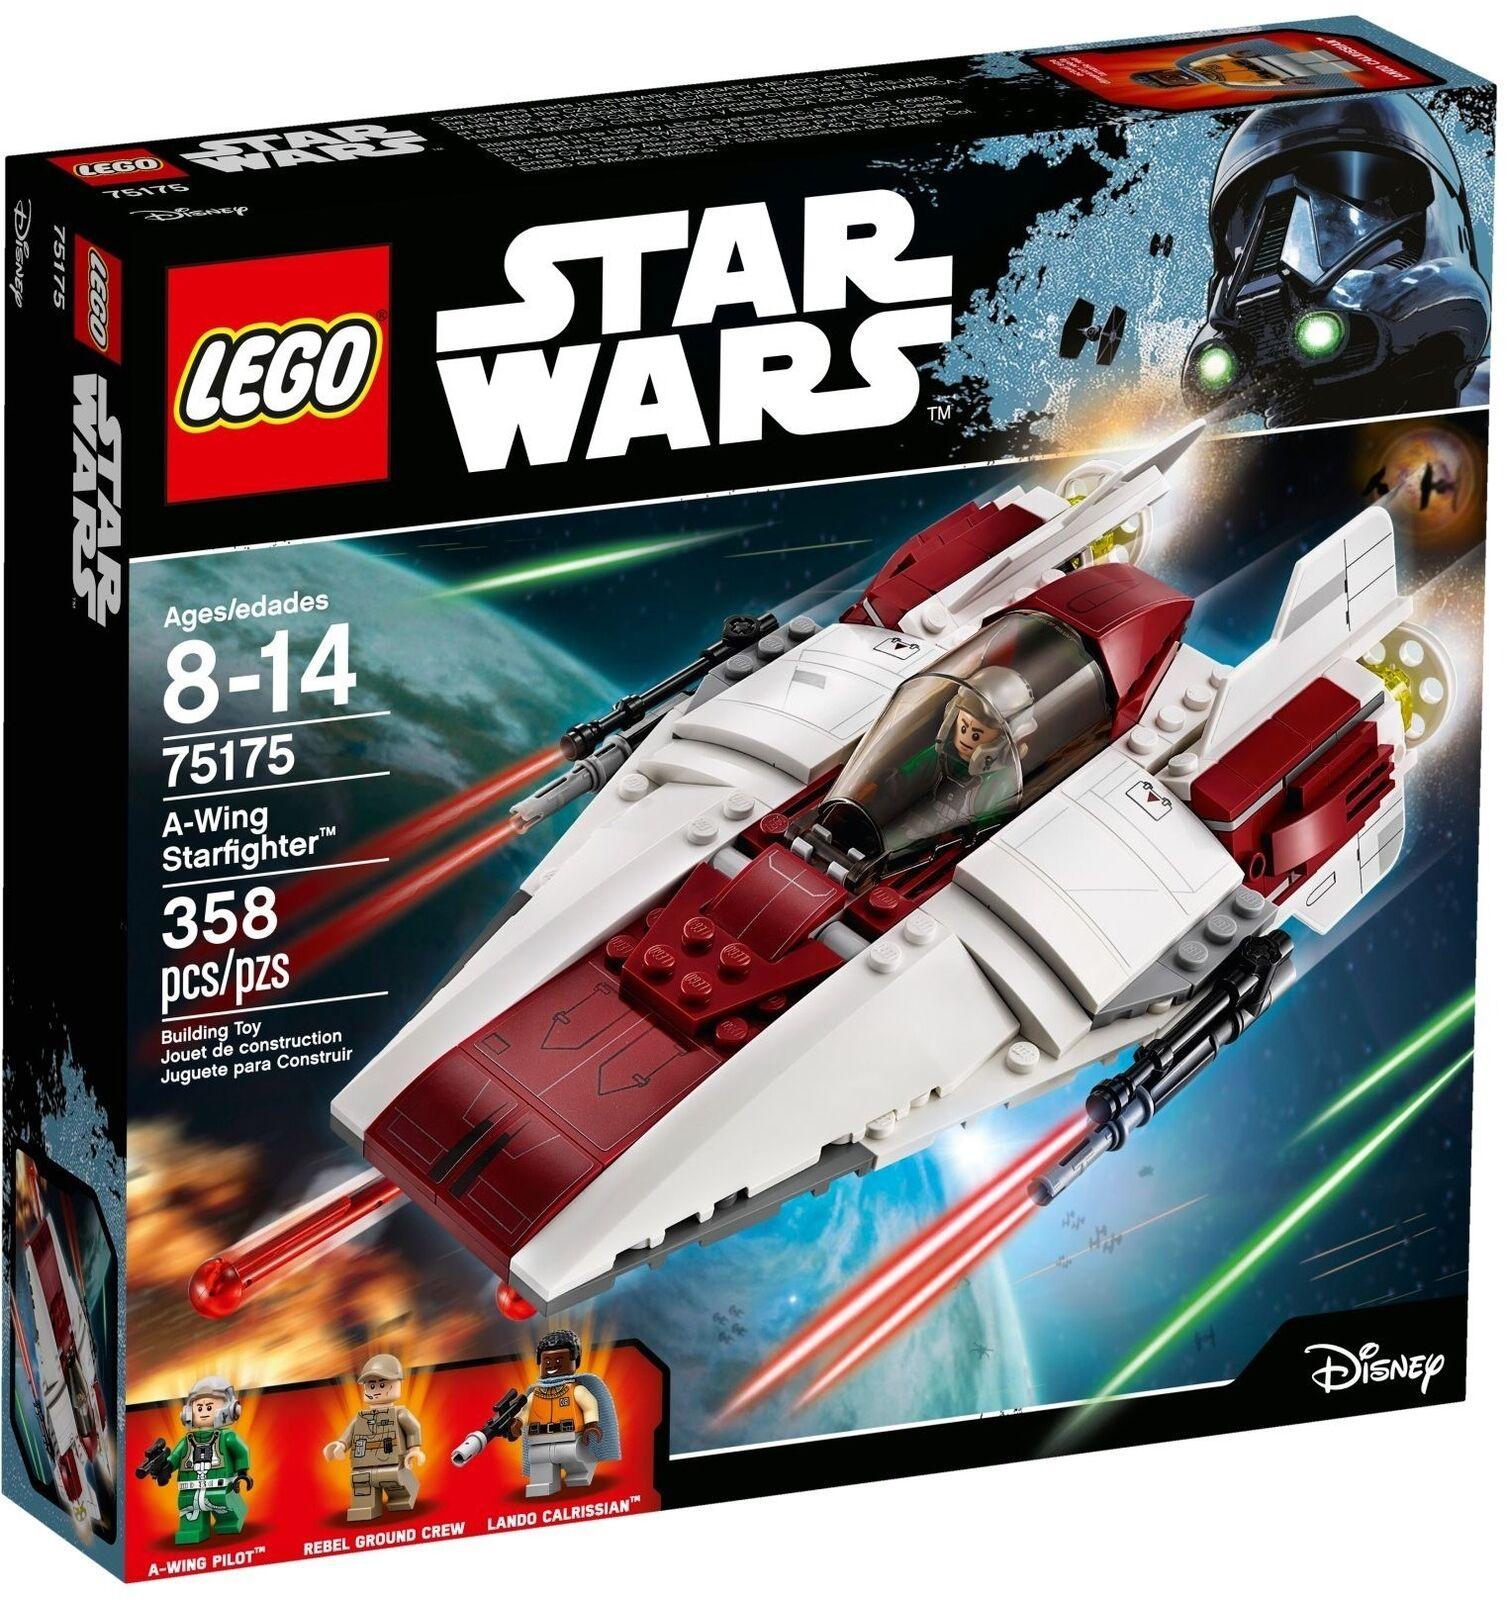 LEGO ® Star  Wars ™ 75175 A-Wing Starfighter ™ NEUF nouveau neuf dans sa boîte En parfait état, dans sa boîte scellée  nouveau style